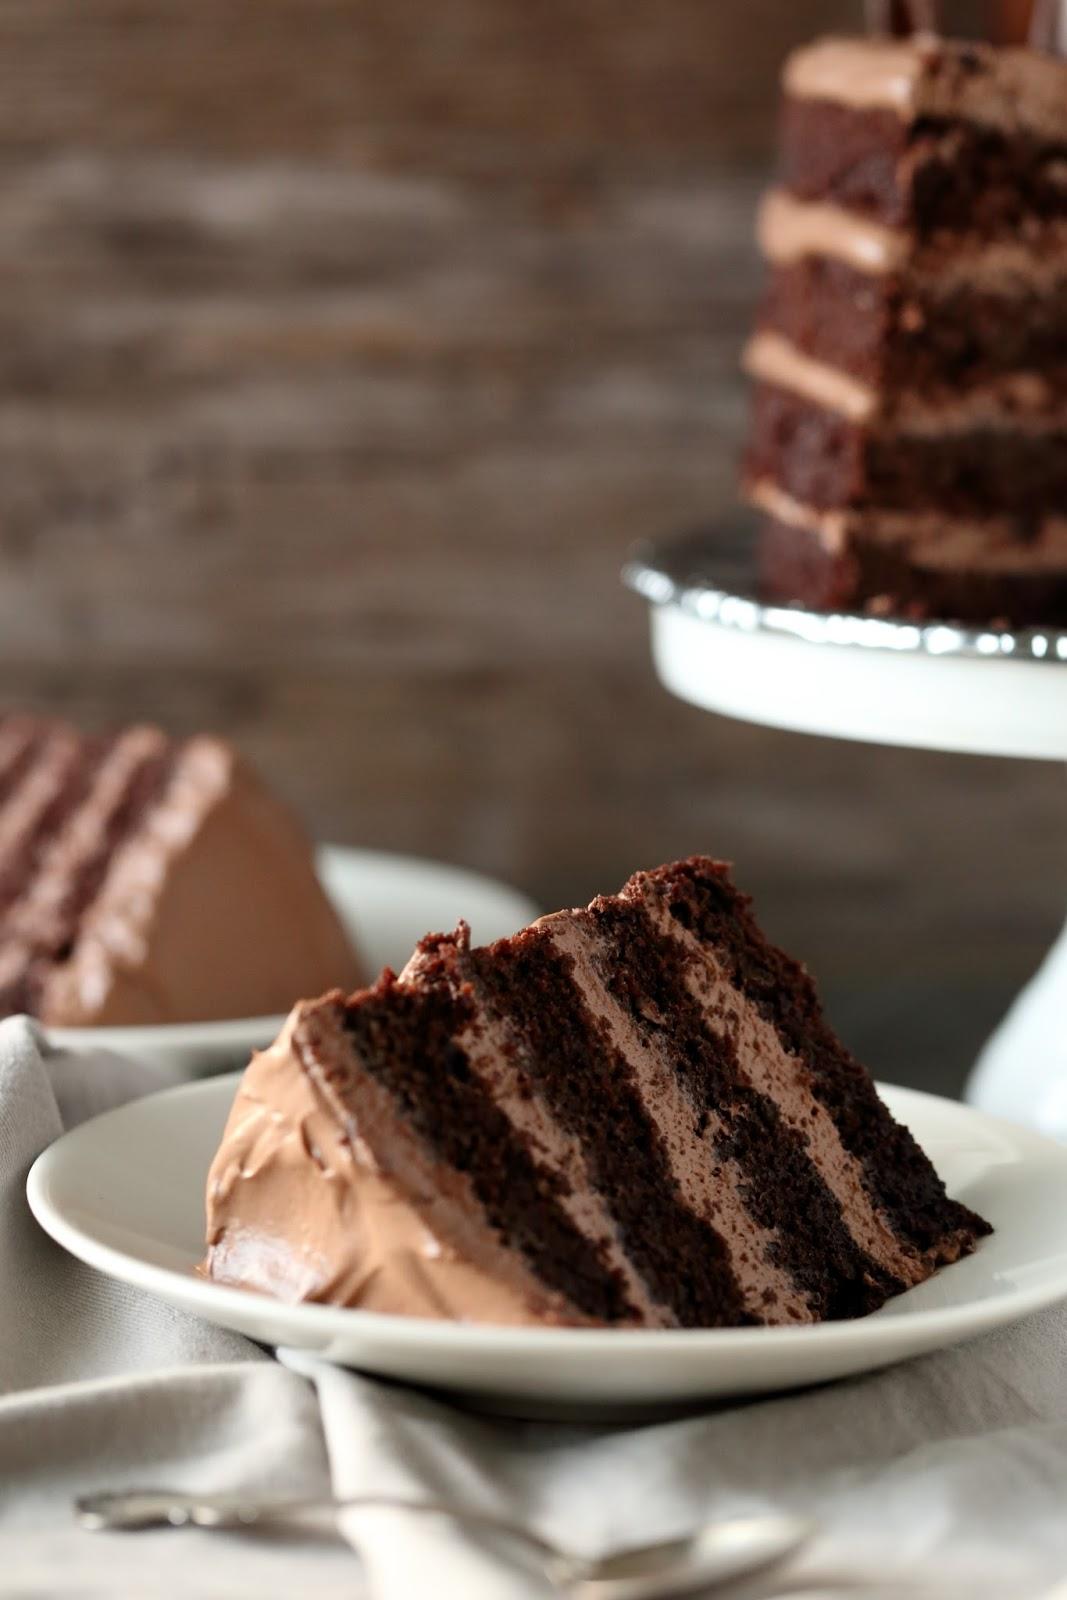 mehevä suklaakakku kaakaojauheesta